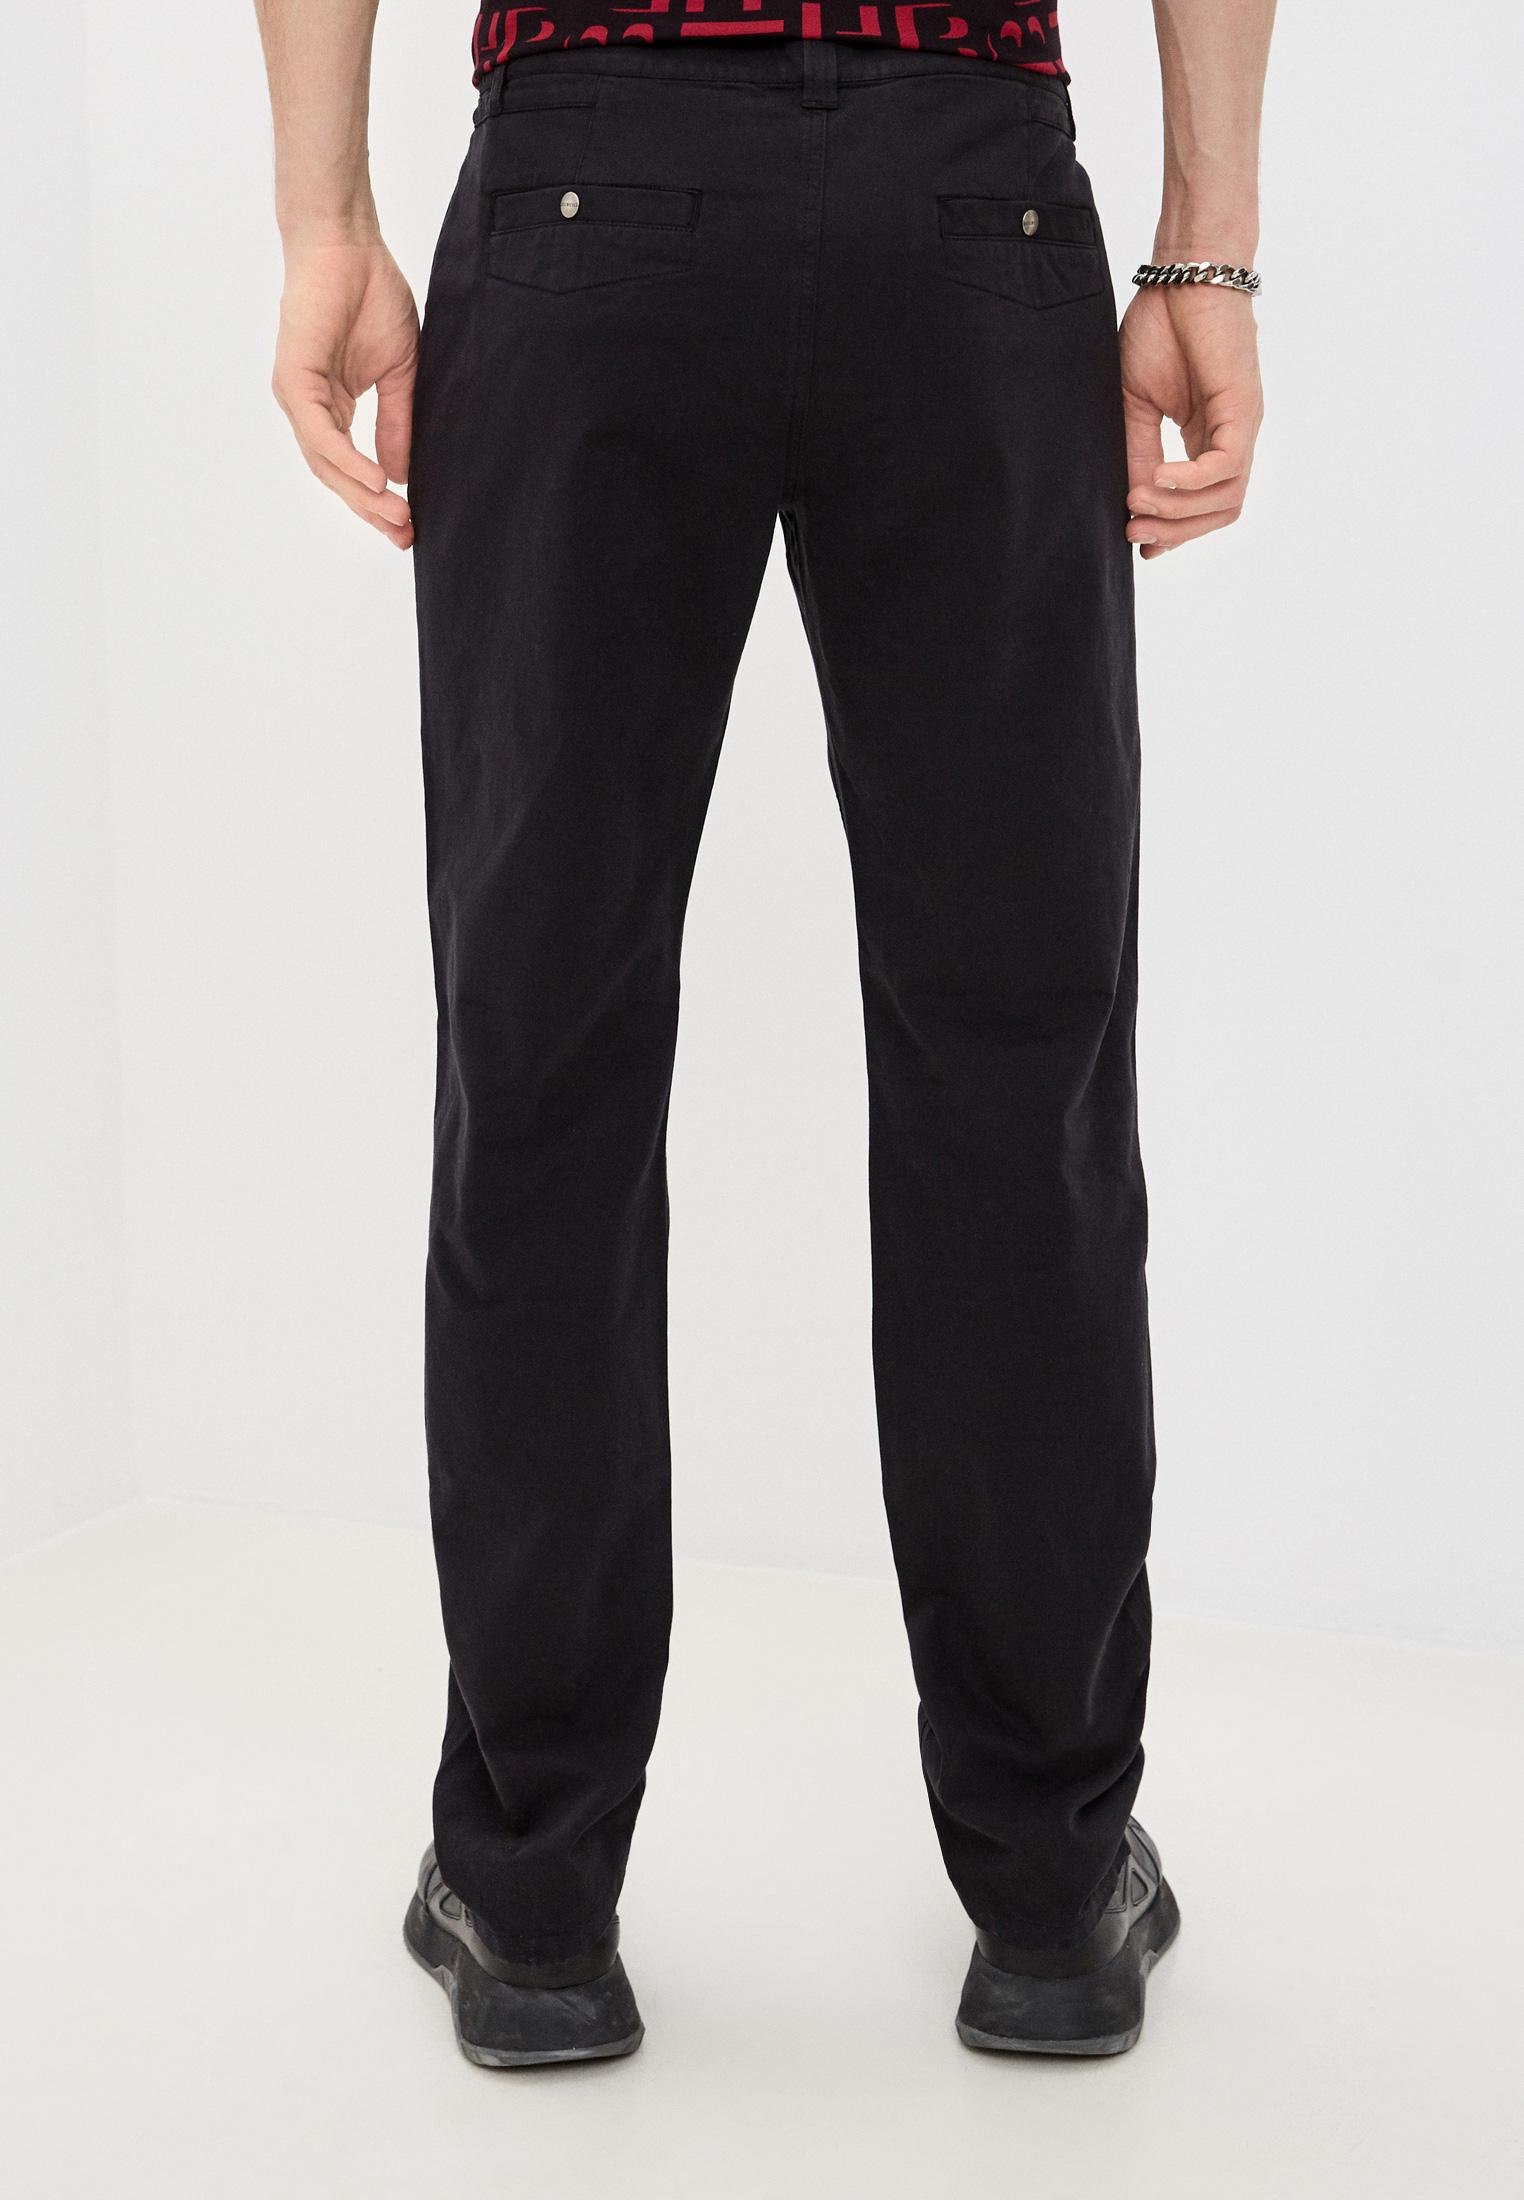 Мужские повседневные брюки Bikkembergs (Биккембергс) C P 112 00 S 3279: изображение 4